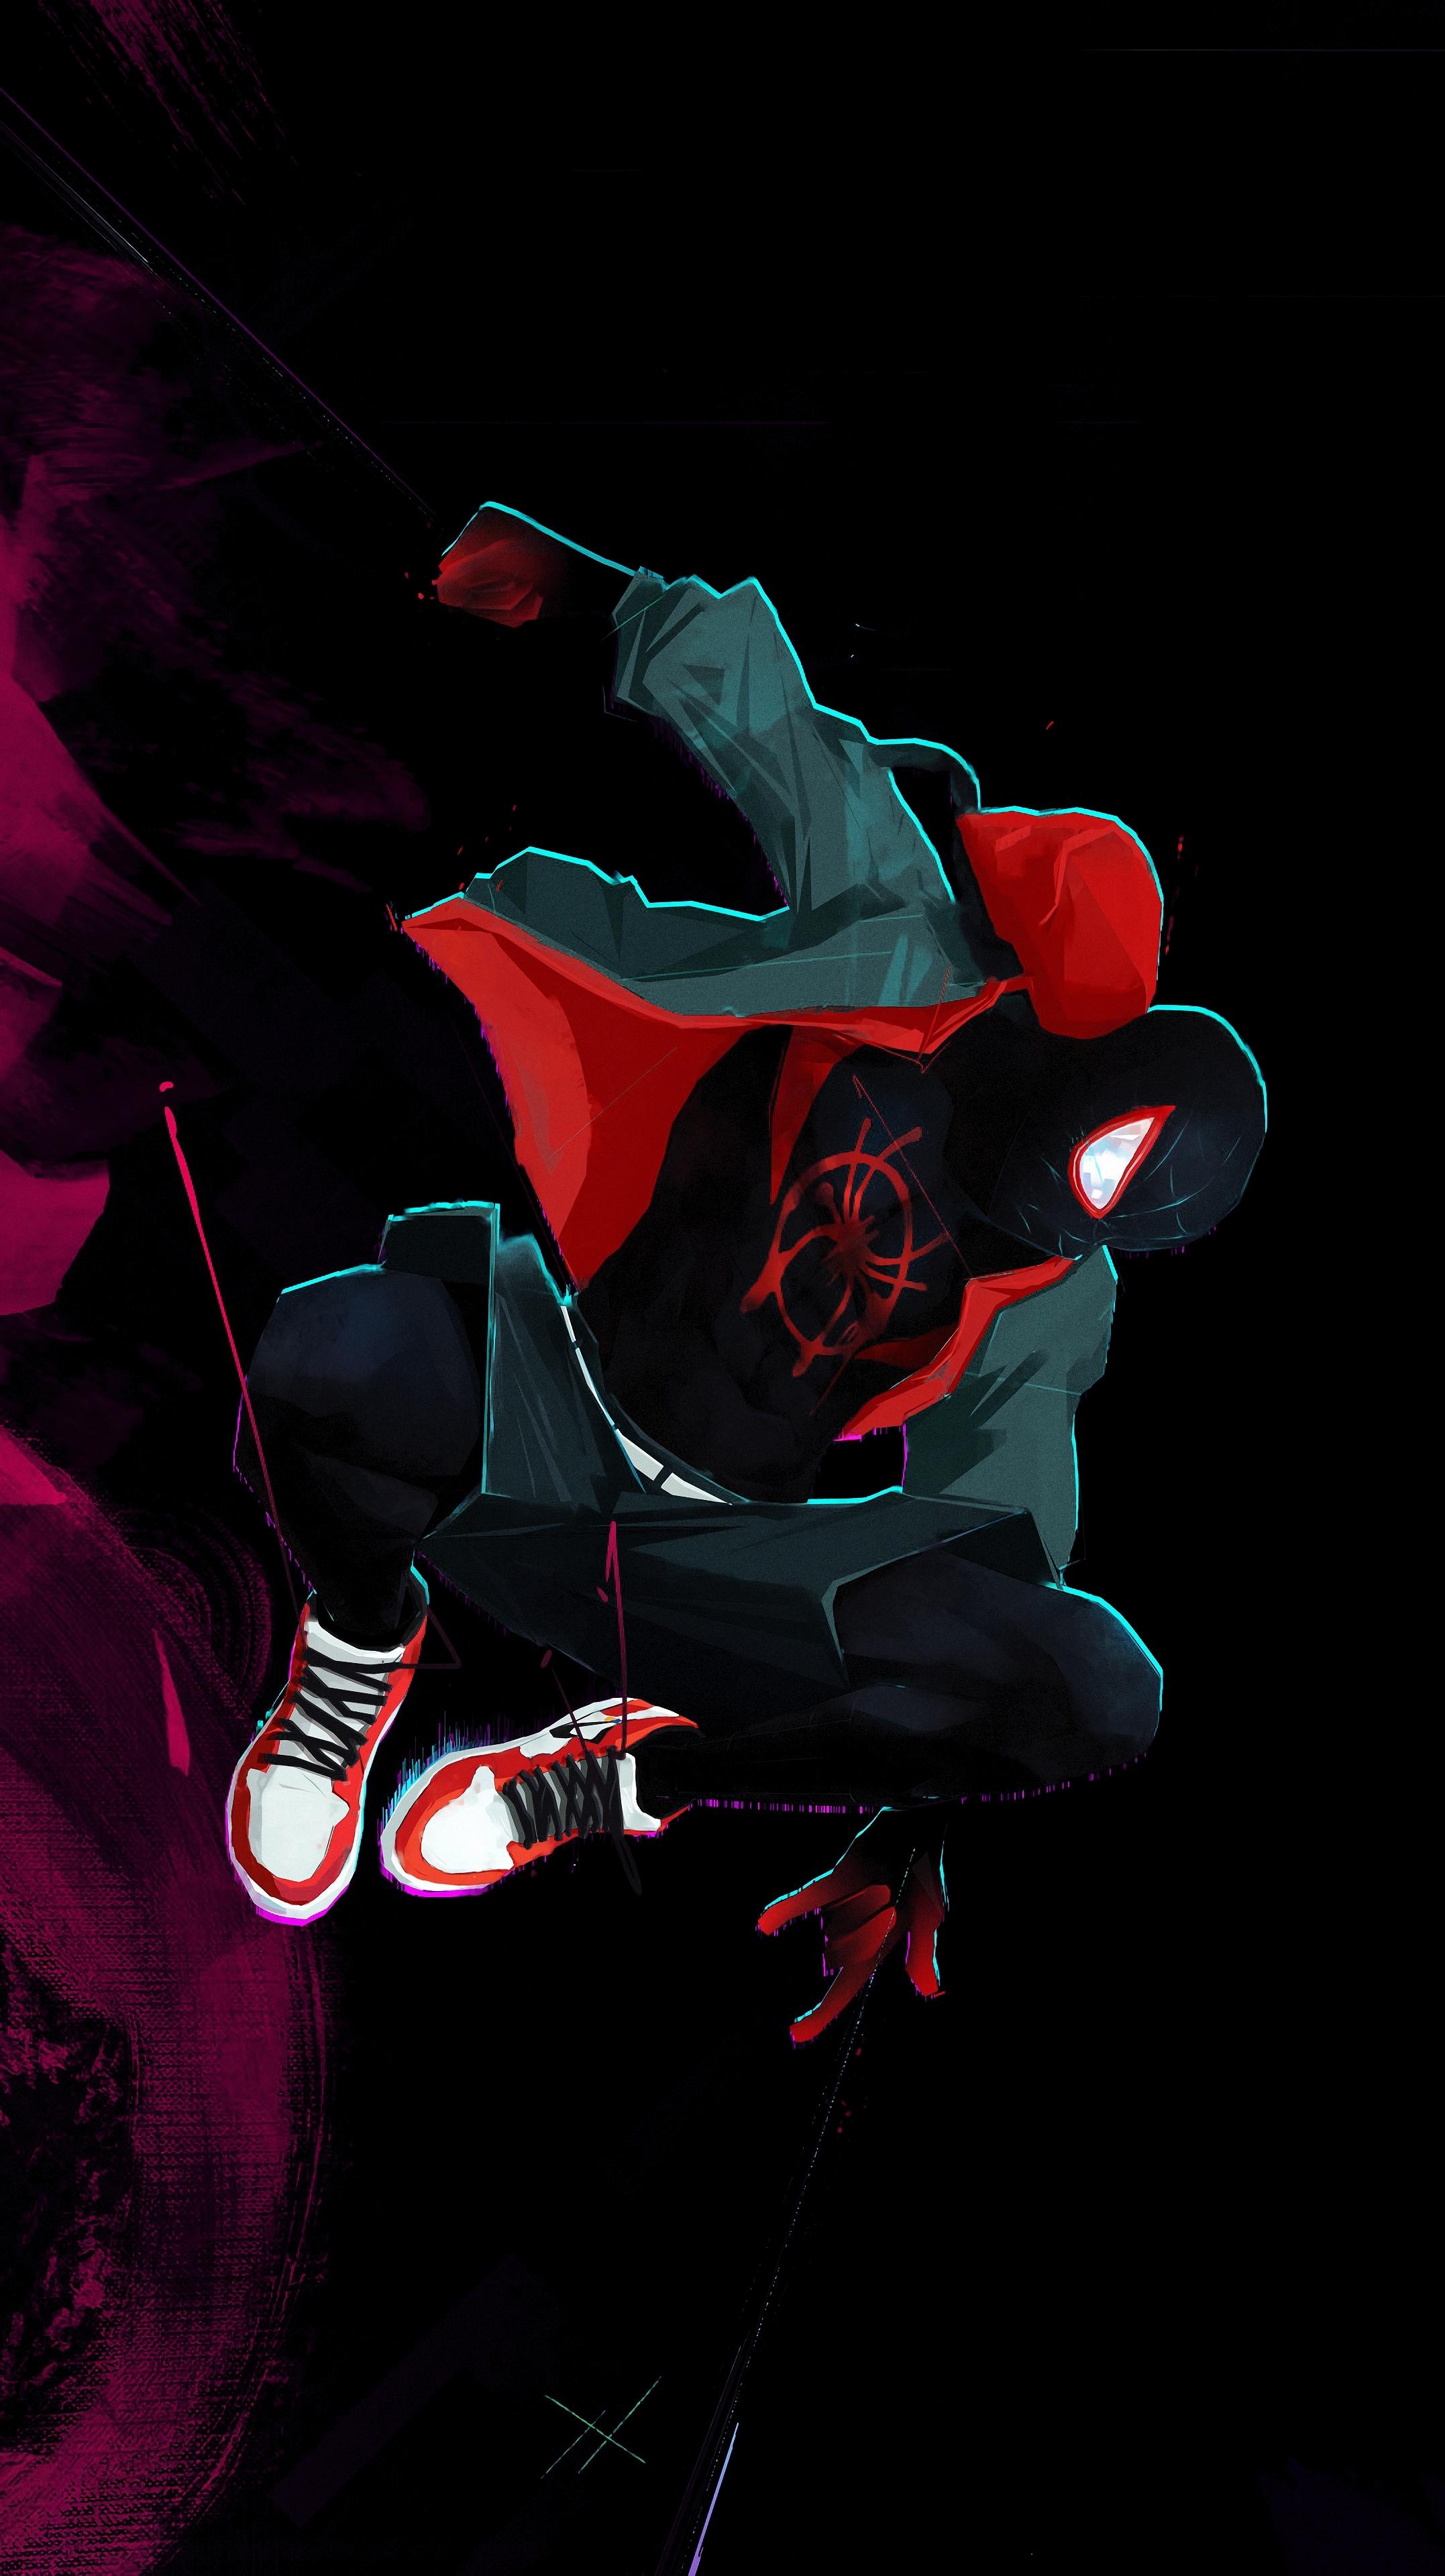 Spiderman digital art mobile wallpaper